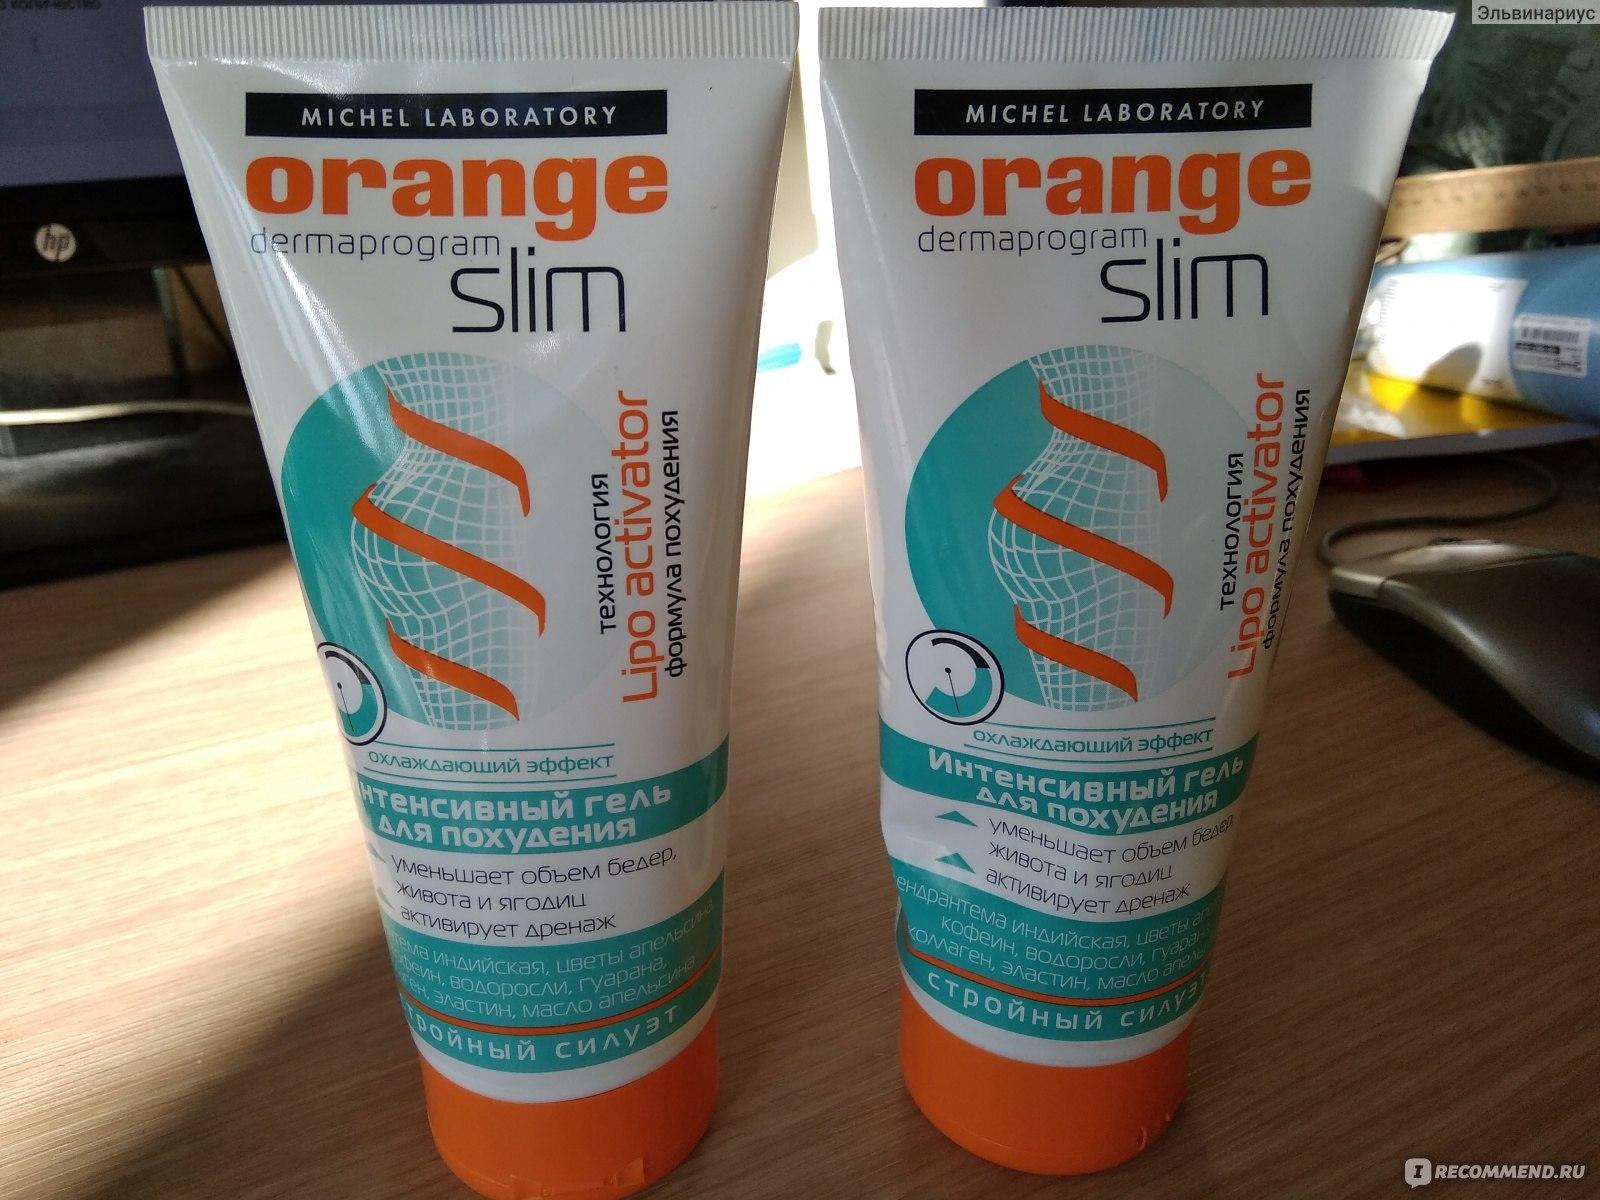 Оранж слим интенсивный гель для похудения отзывы